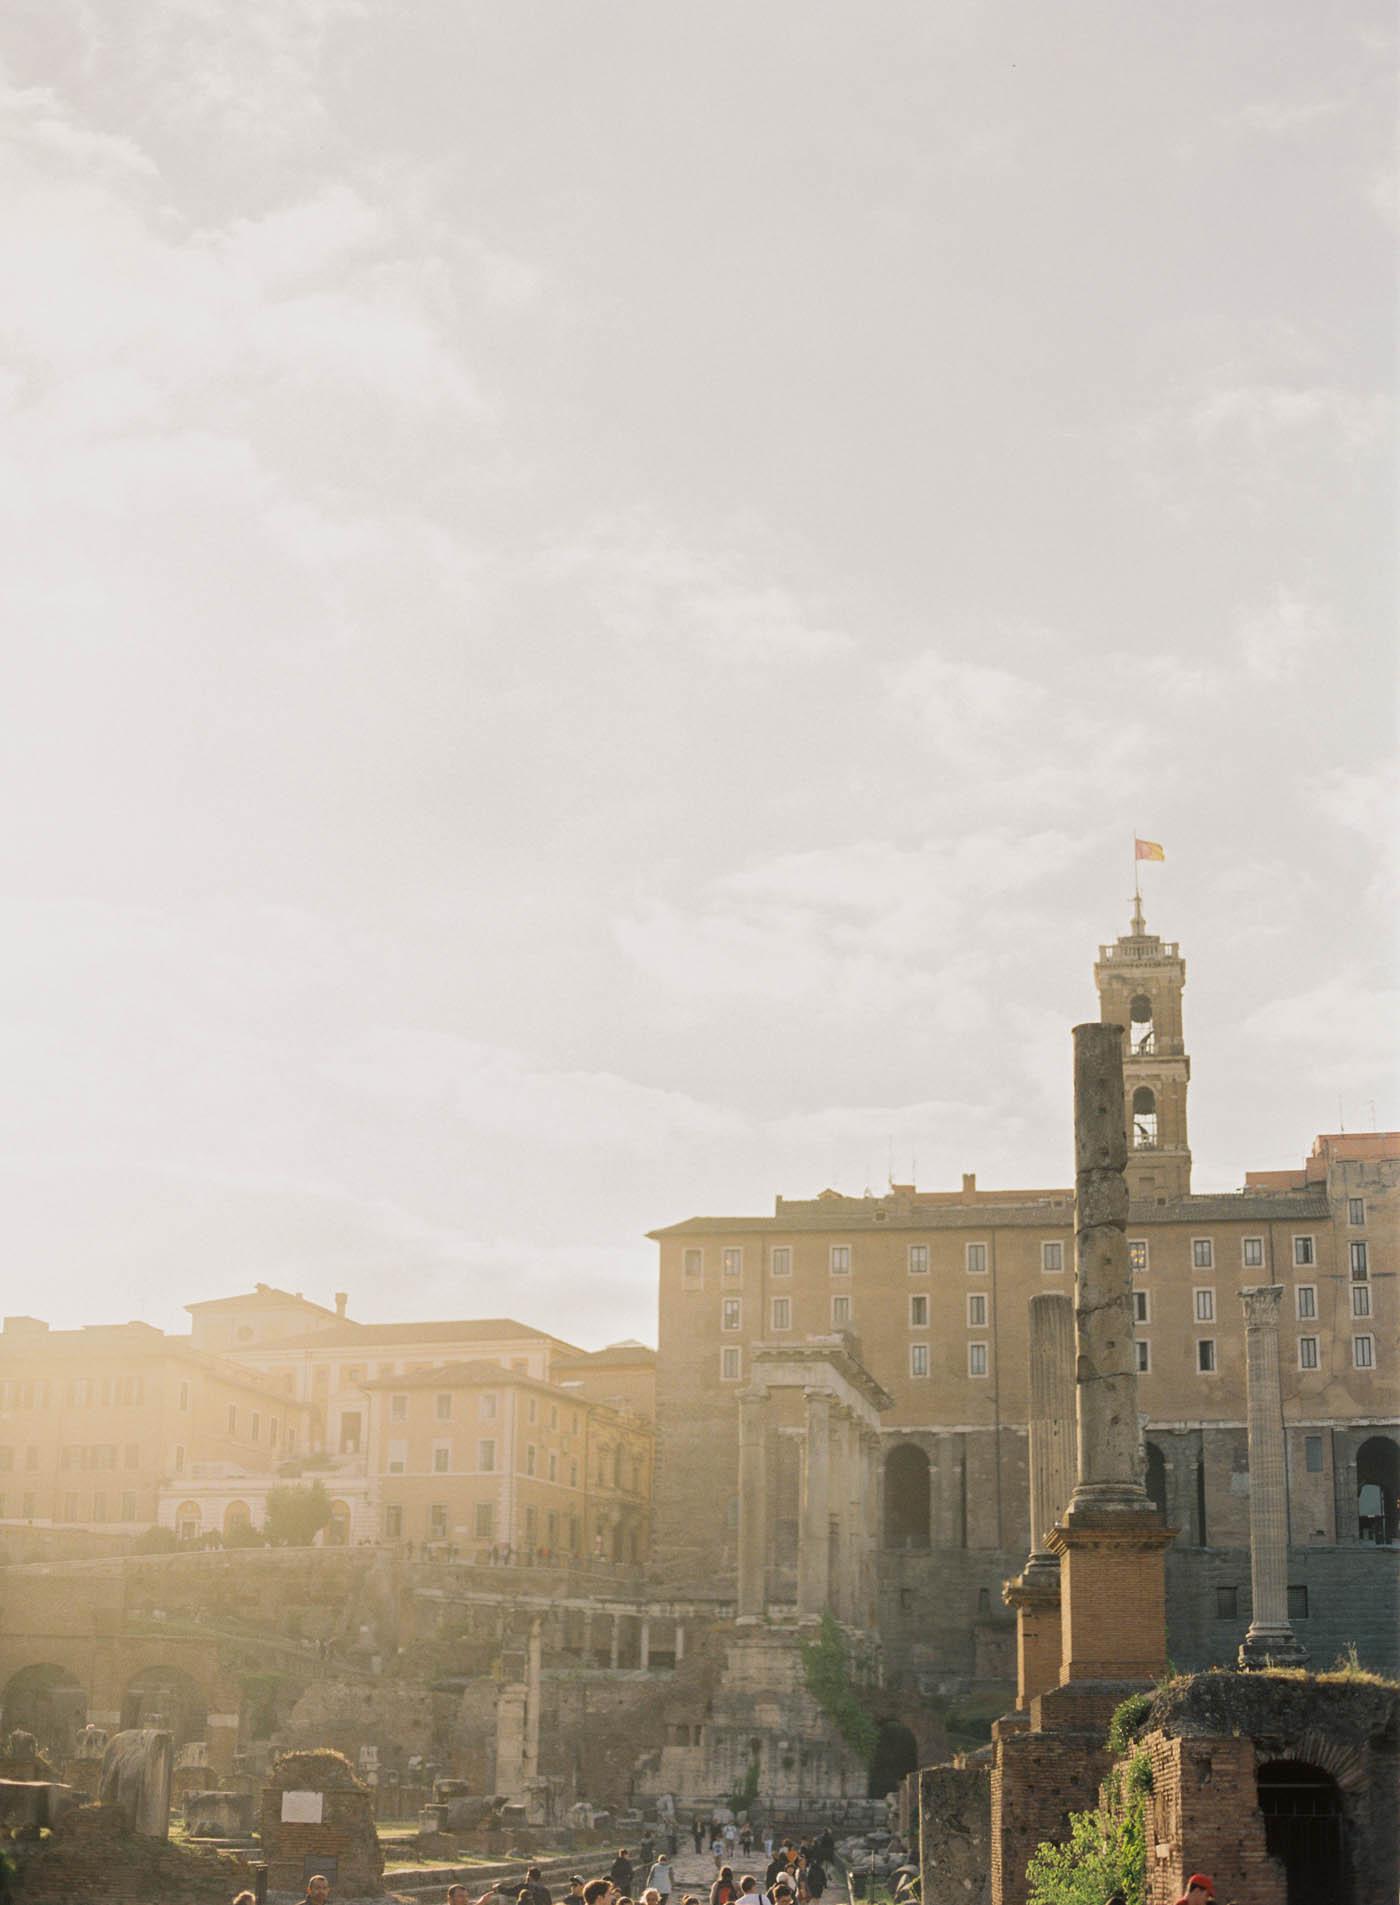 Rome_Travel-14-Jen_Huang-007324-R1-010.jpg